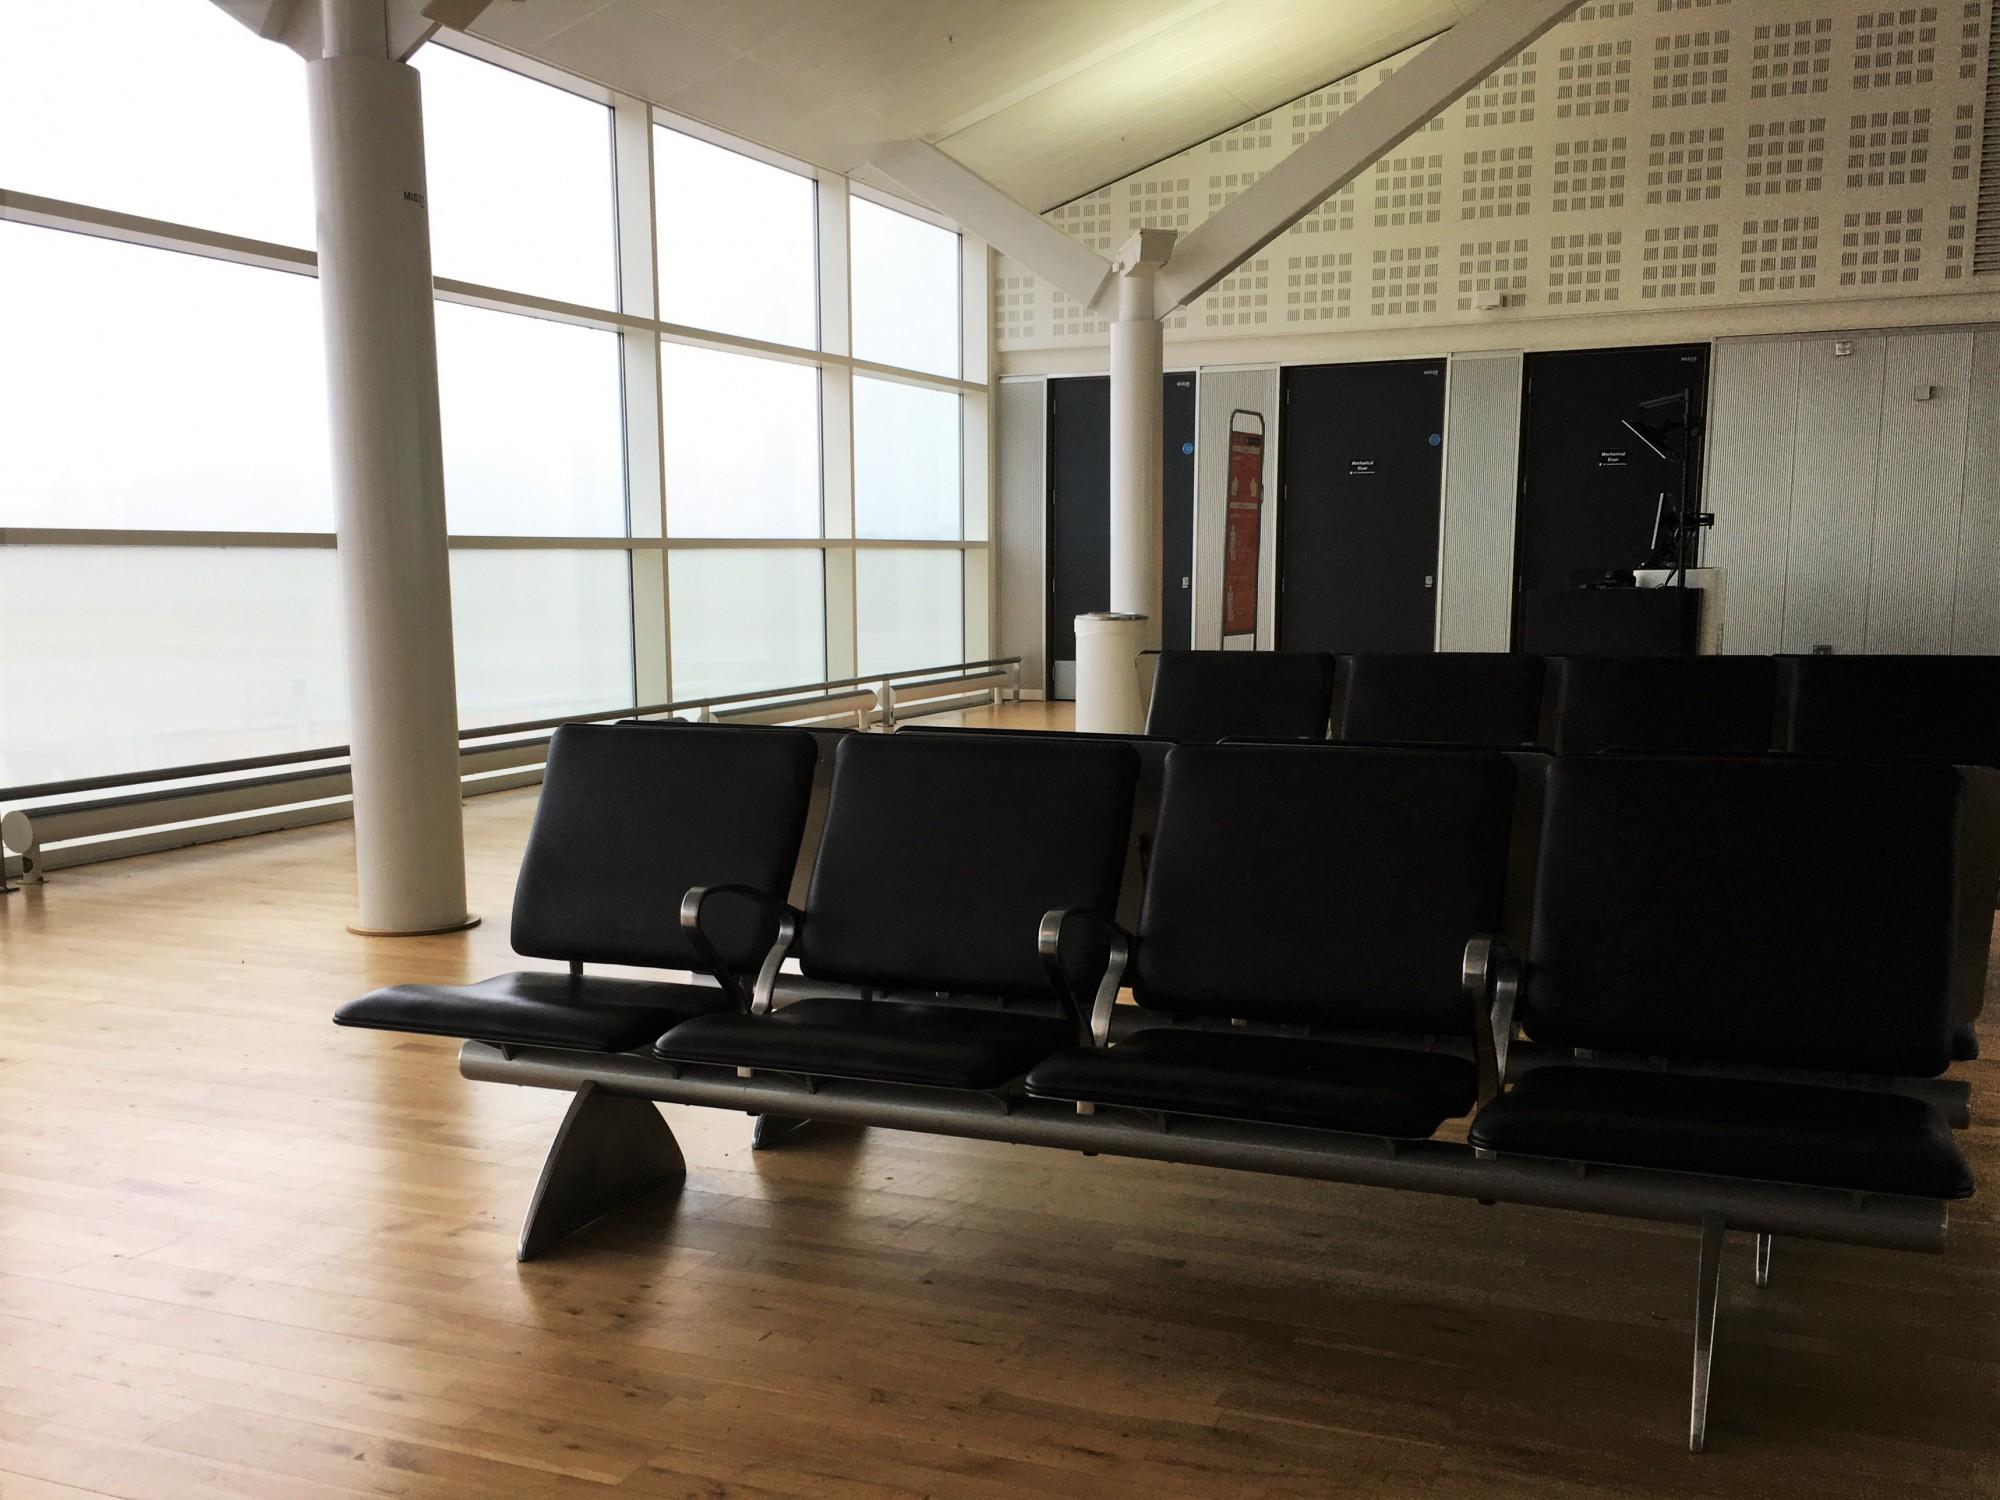 TUI Premium Departure Gate at Birmingham International Airport